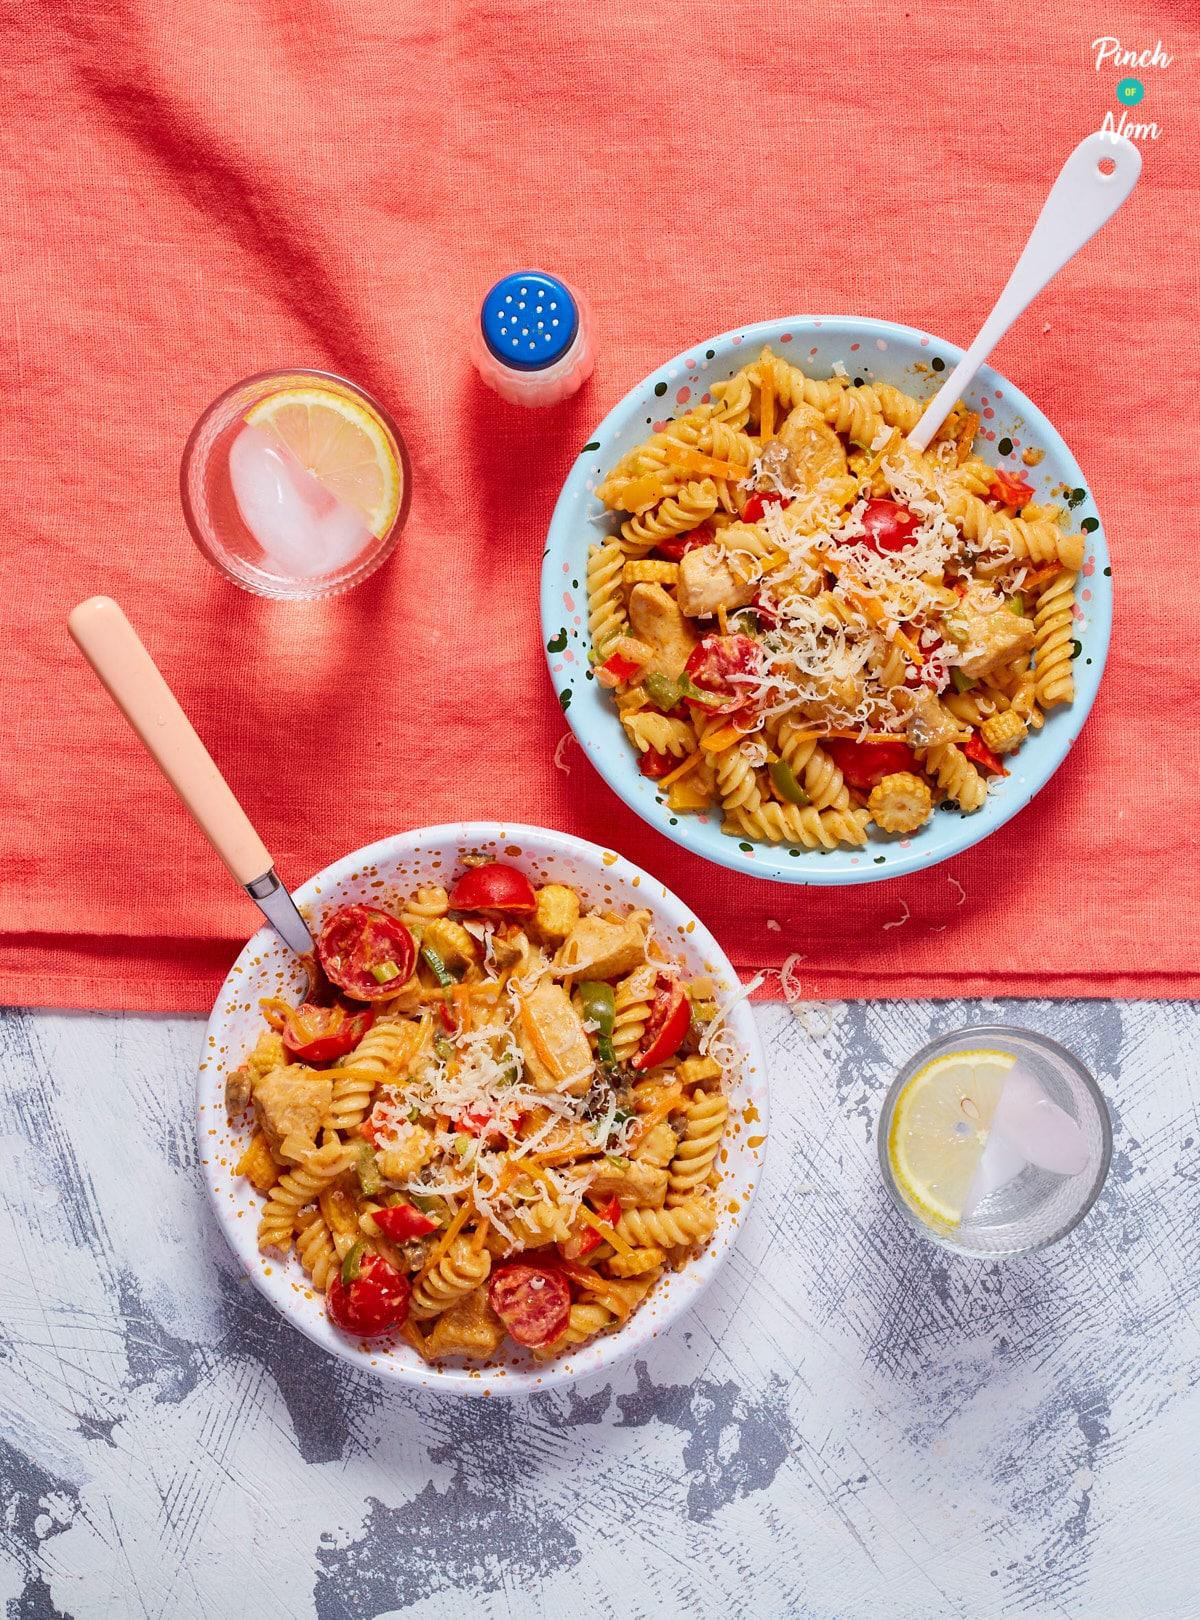 Creamy Cajun Chicken Pasta - Pinch of Nom Slimming Recipes